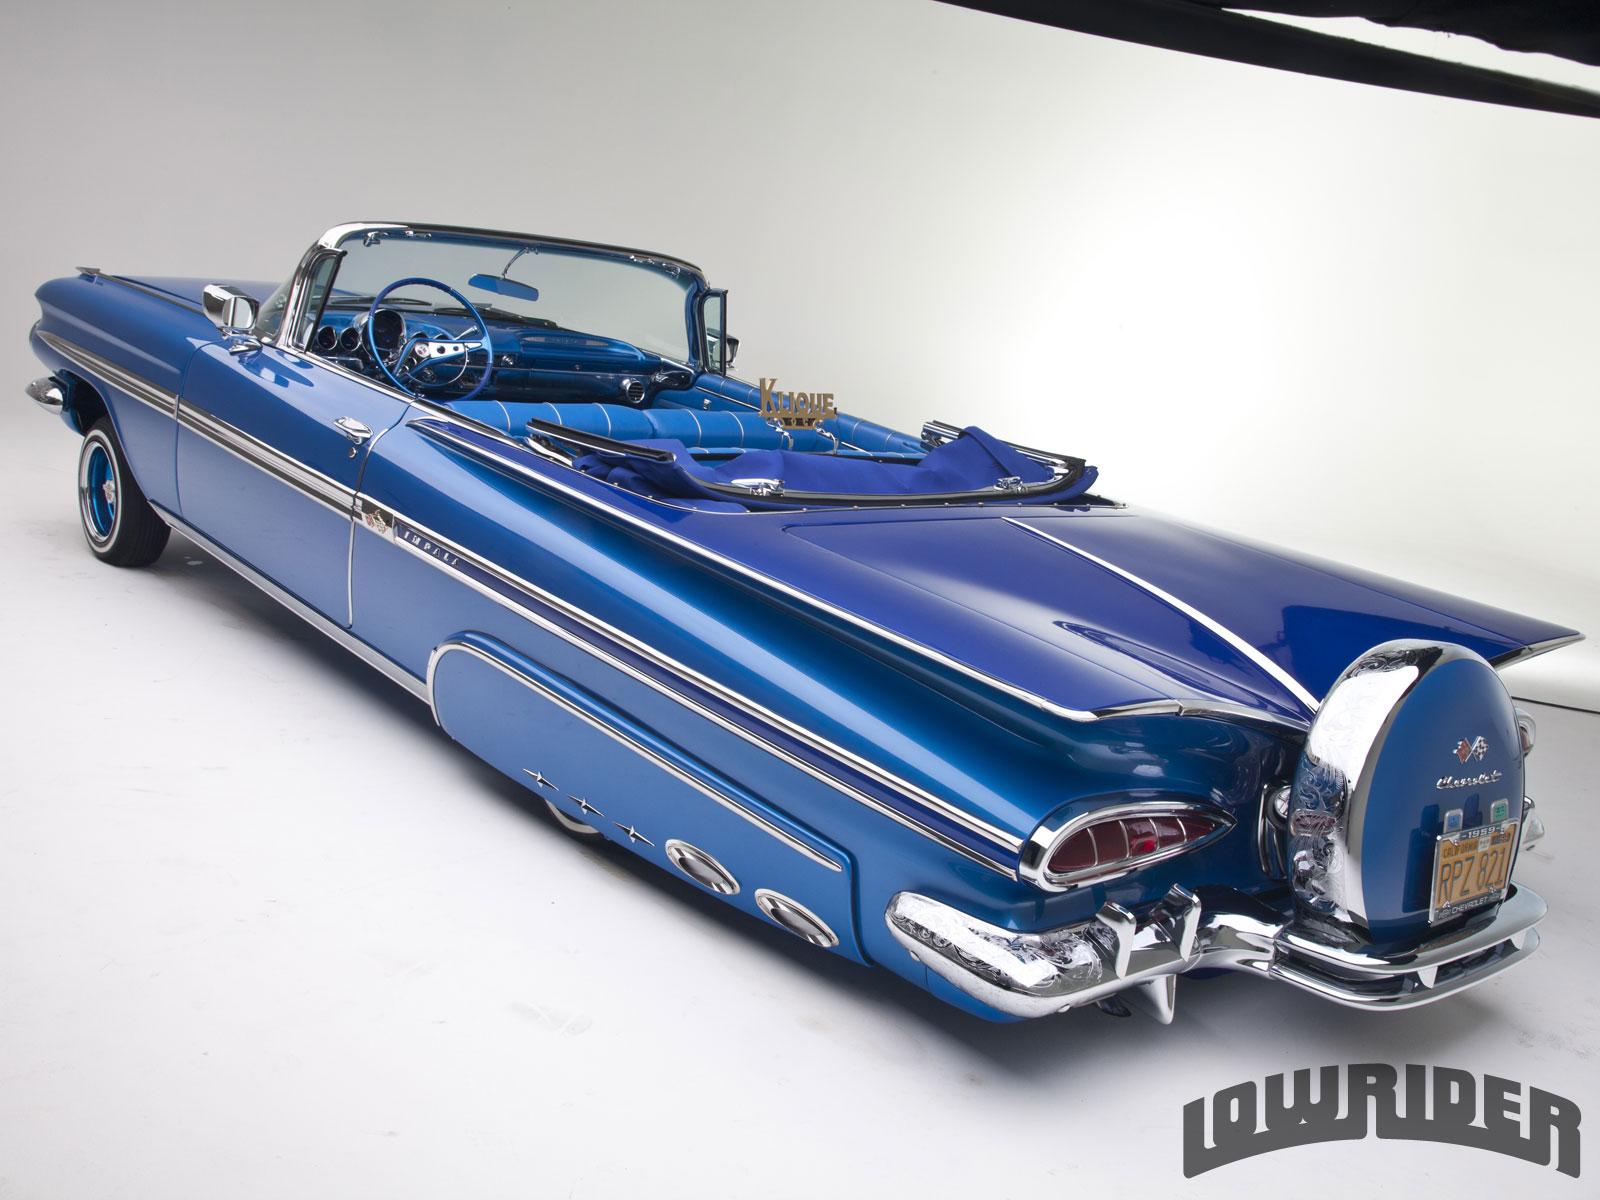 Kelebihan Impala 1959 Top Model Tahun Ini